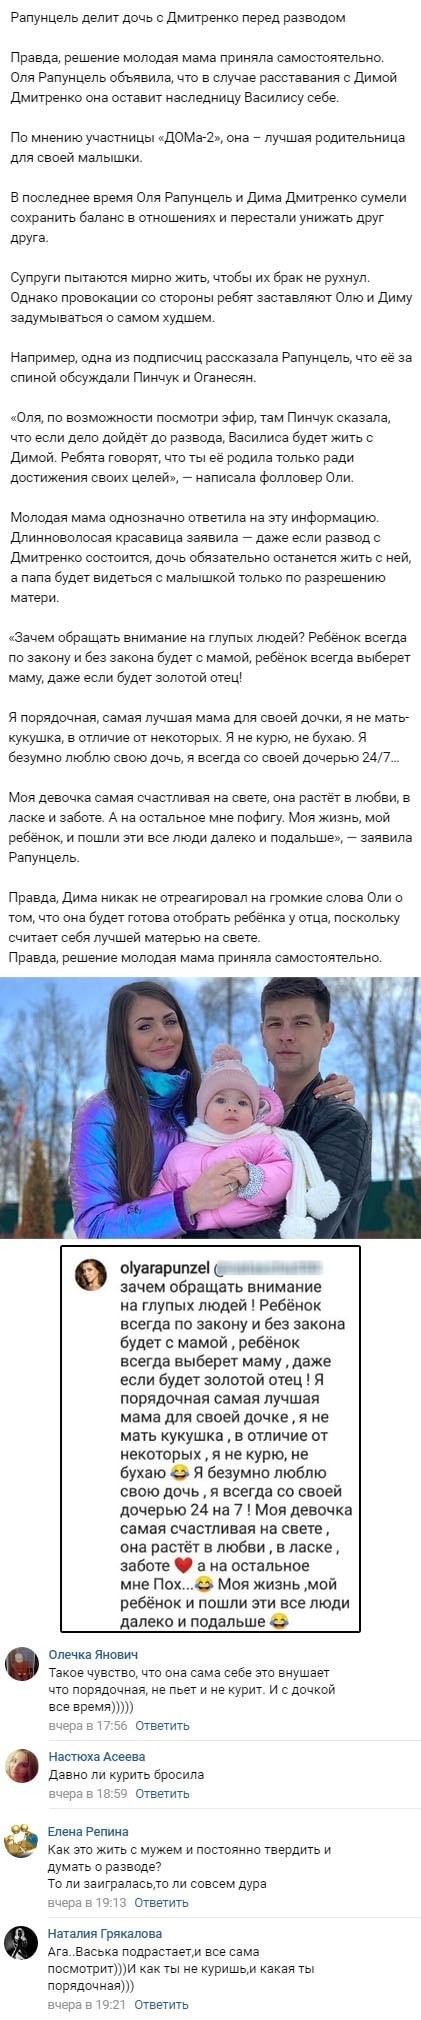 Ольга Рапунцель и Дмитрий Дмитренко начали делить дочь